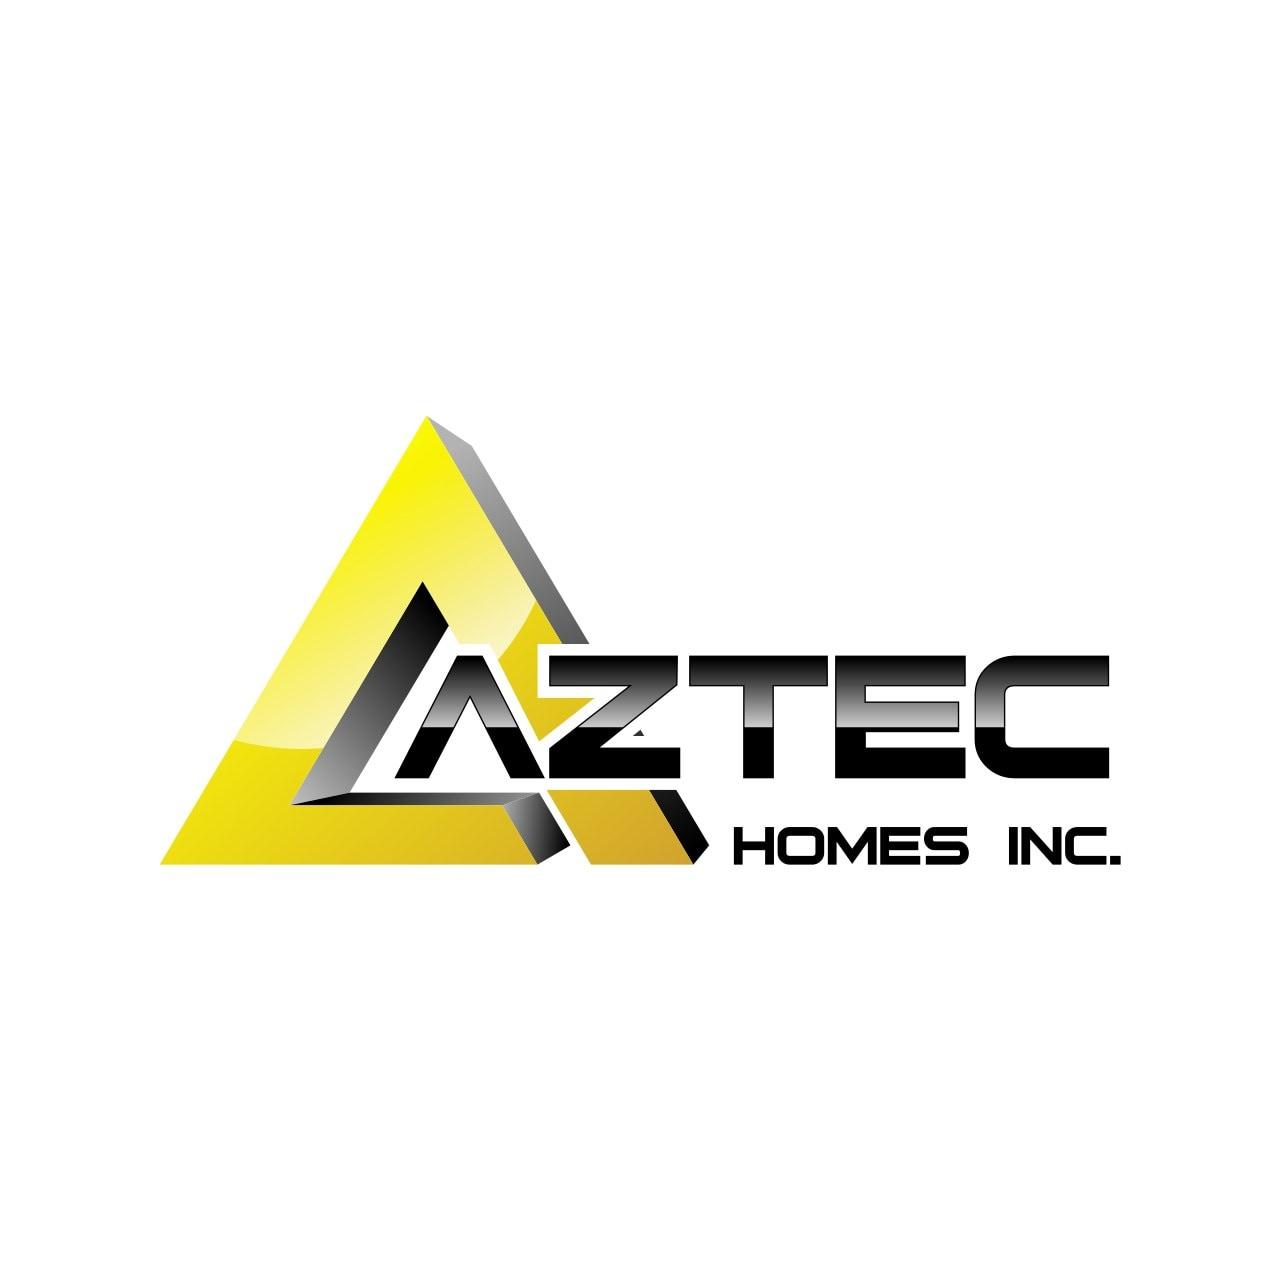 Aztec Homes Inc